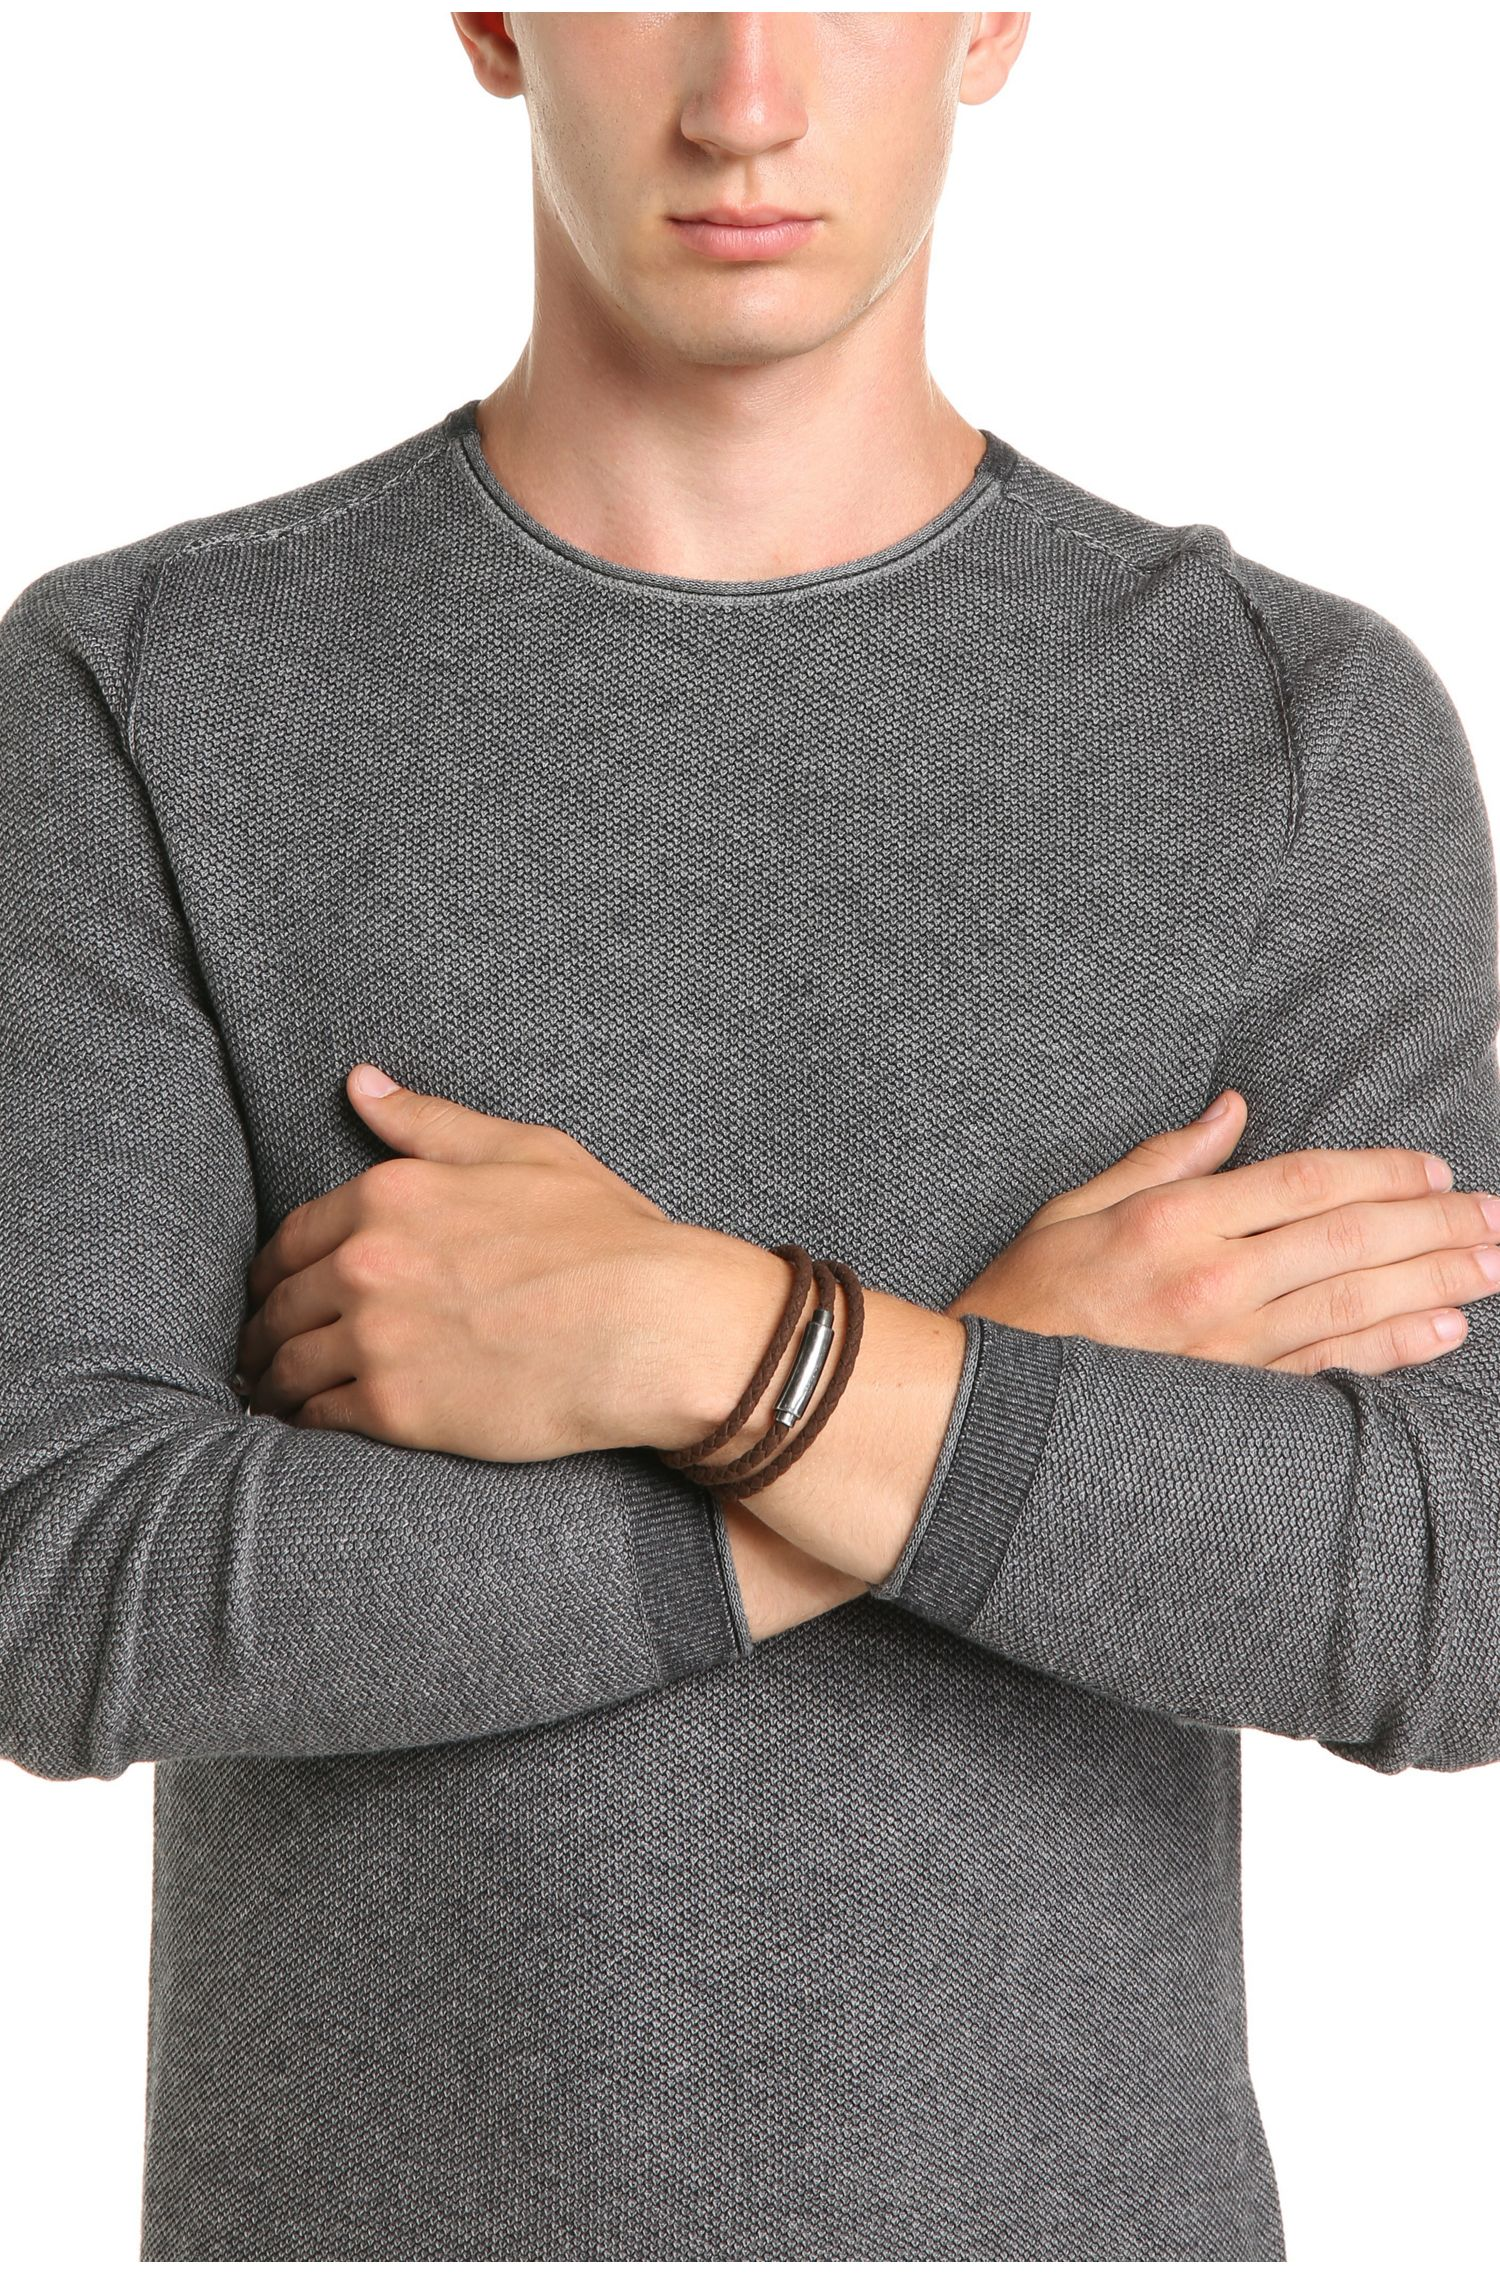 Geflochtenes Wickelarmband mit Magnetverschluss: ´Murdock`